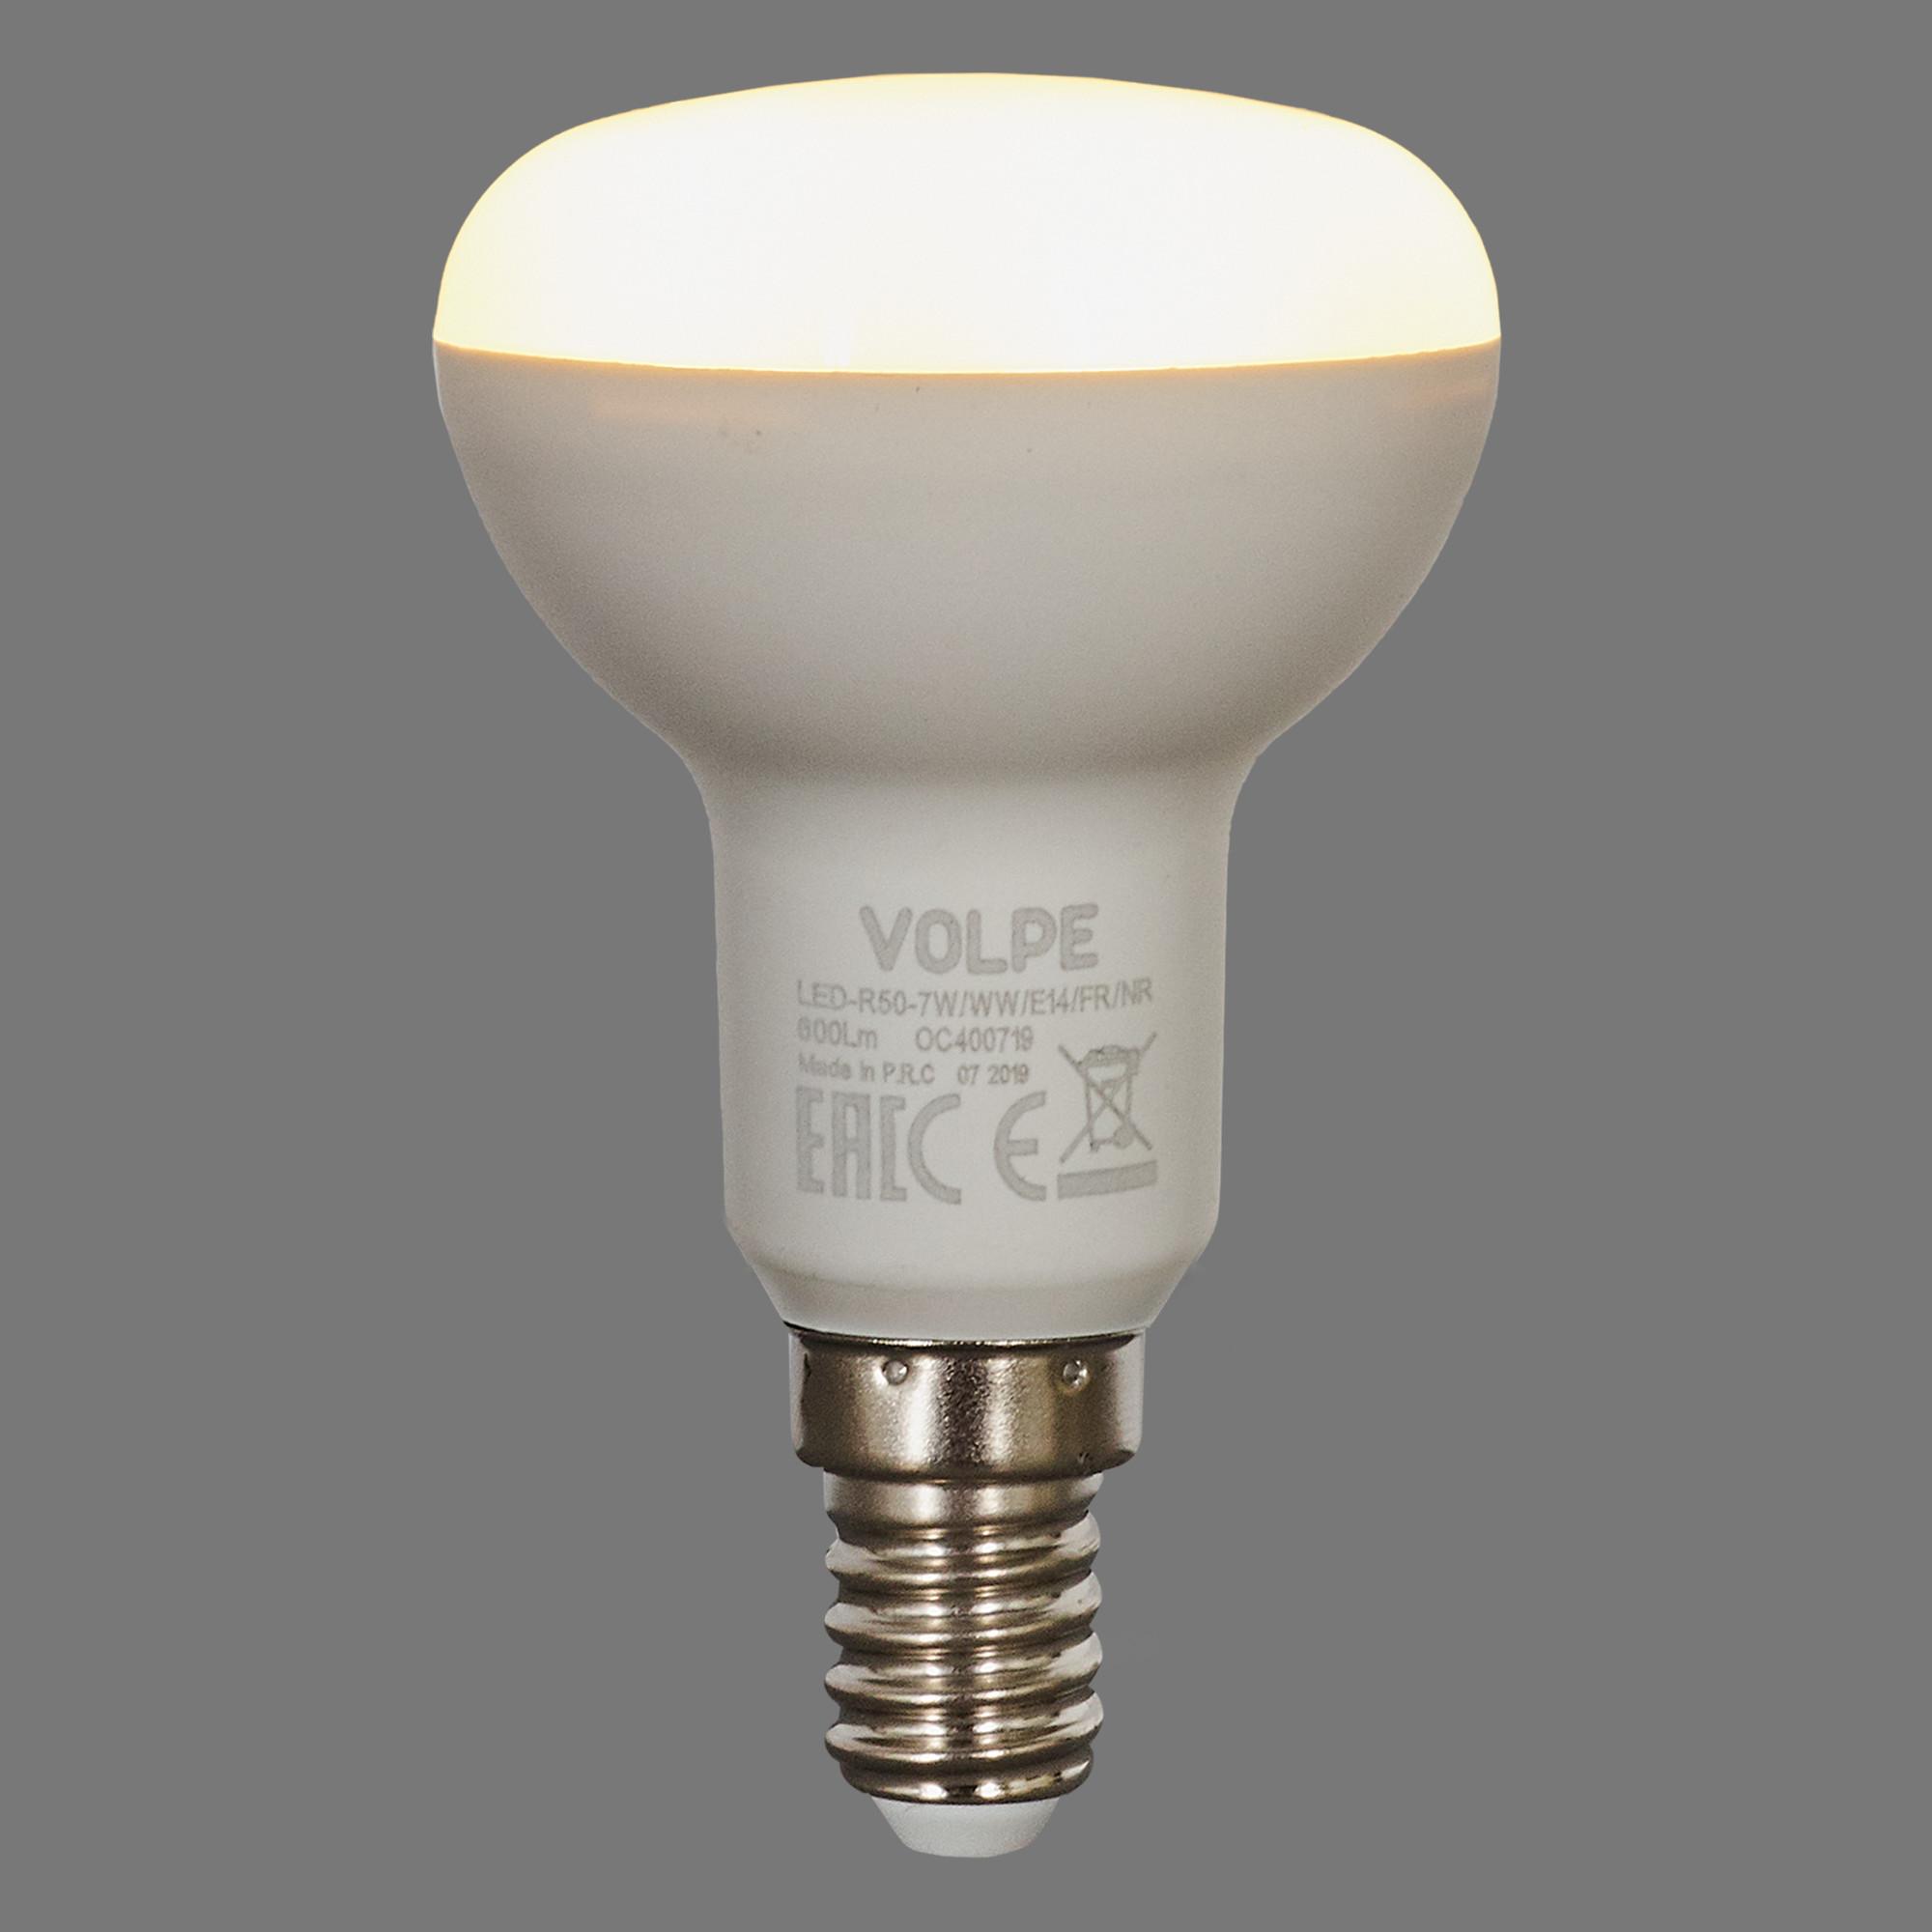 Лампа светодиодная Volpe Norma E14 220 В 7 Вт зеркальная 600 лм тёплый белый свет